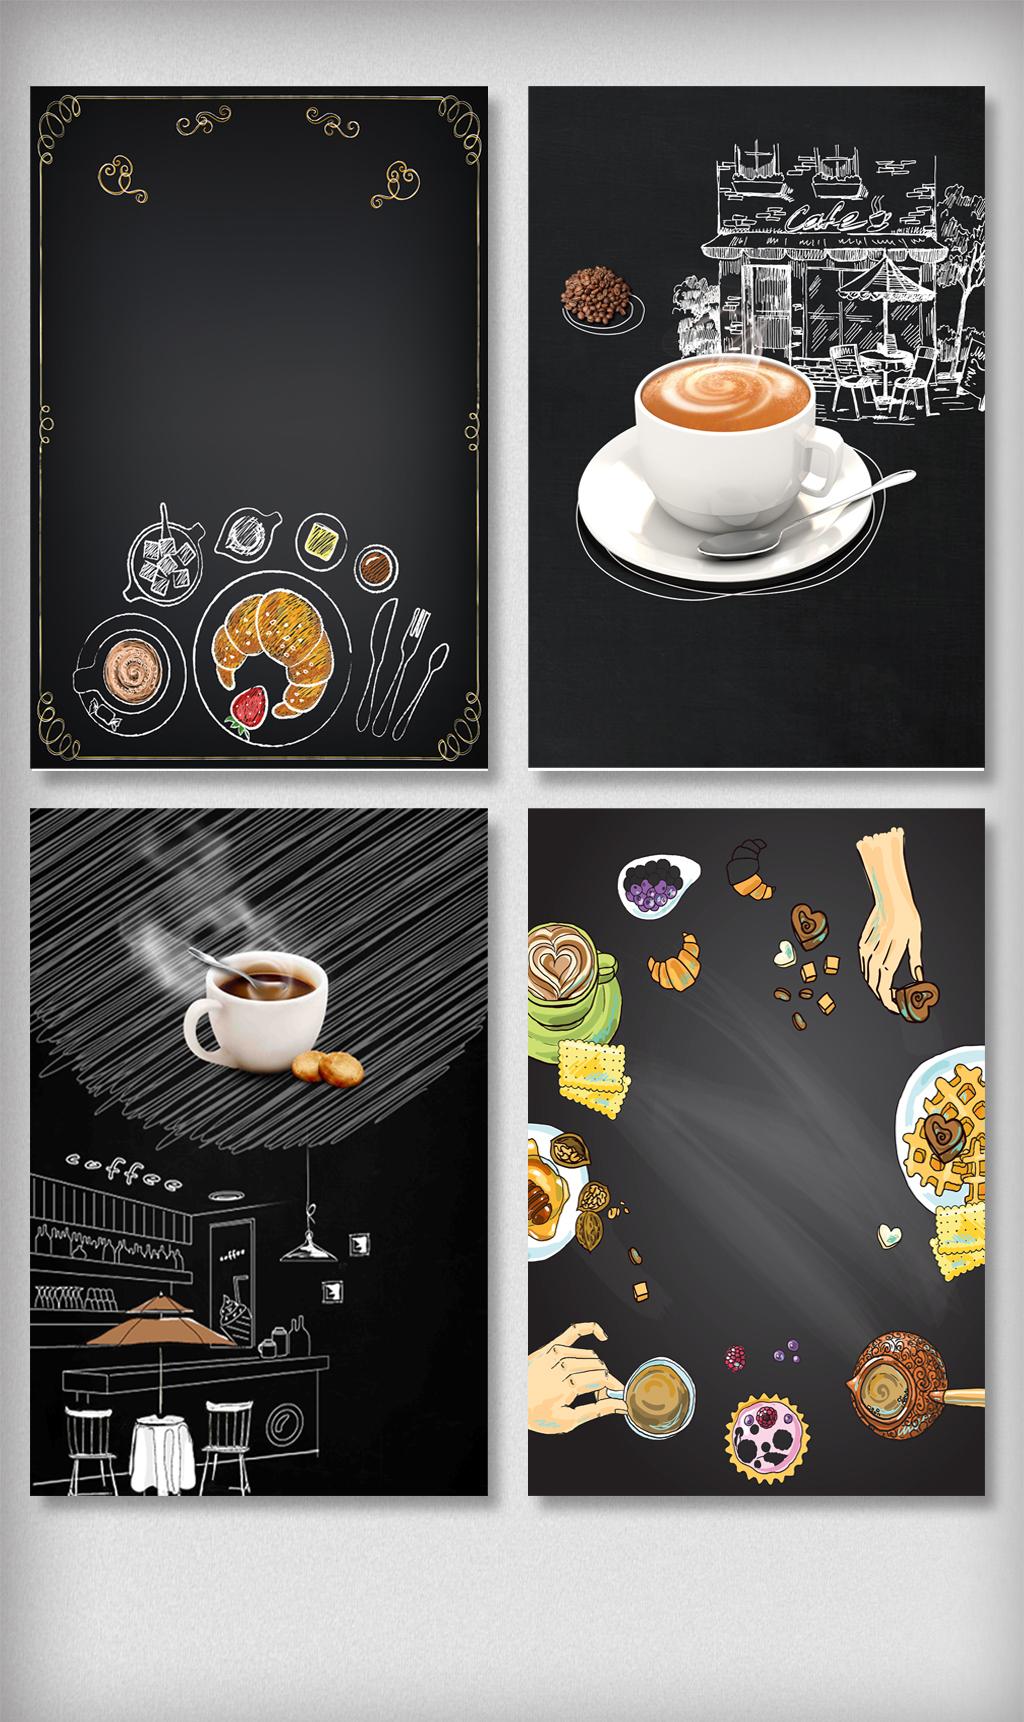 原创设计手绘食物海报背景元素